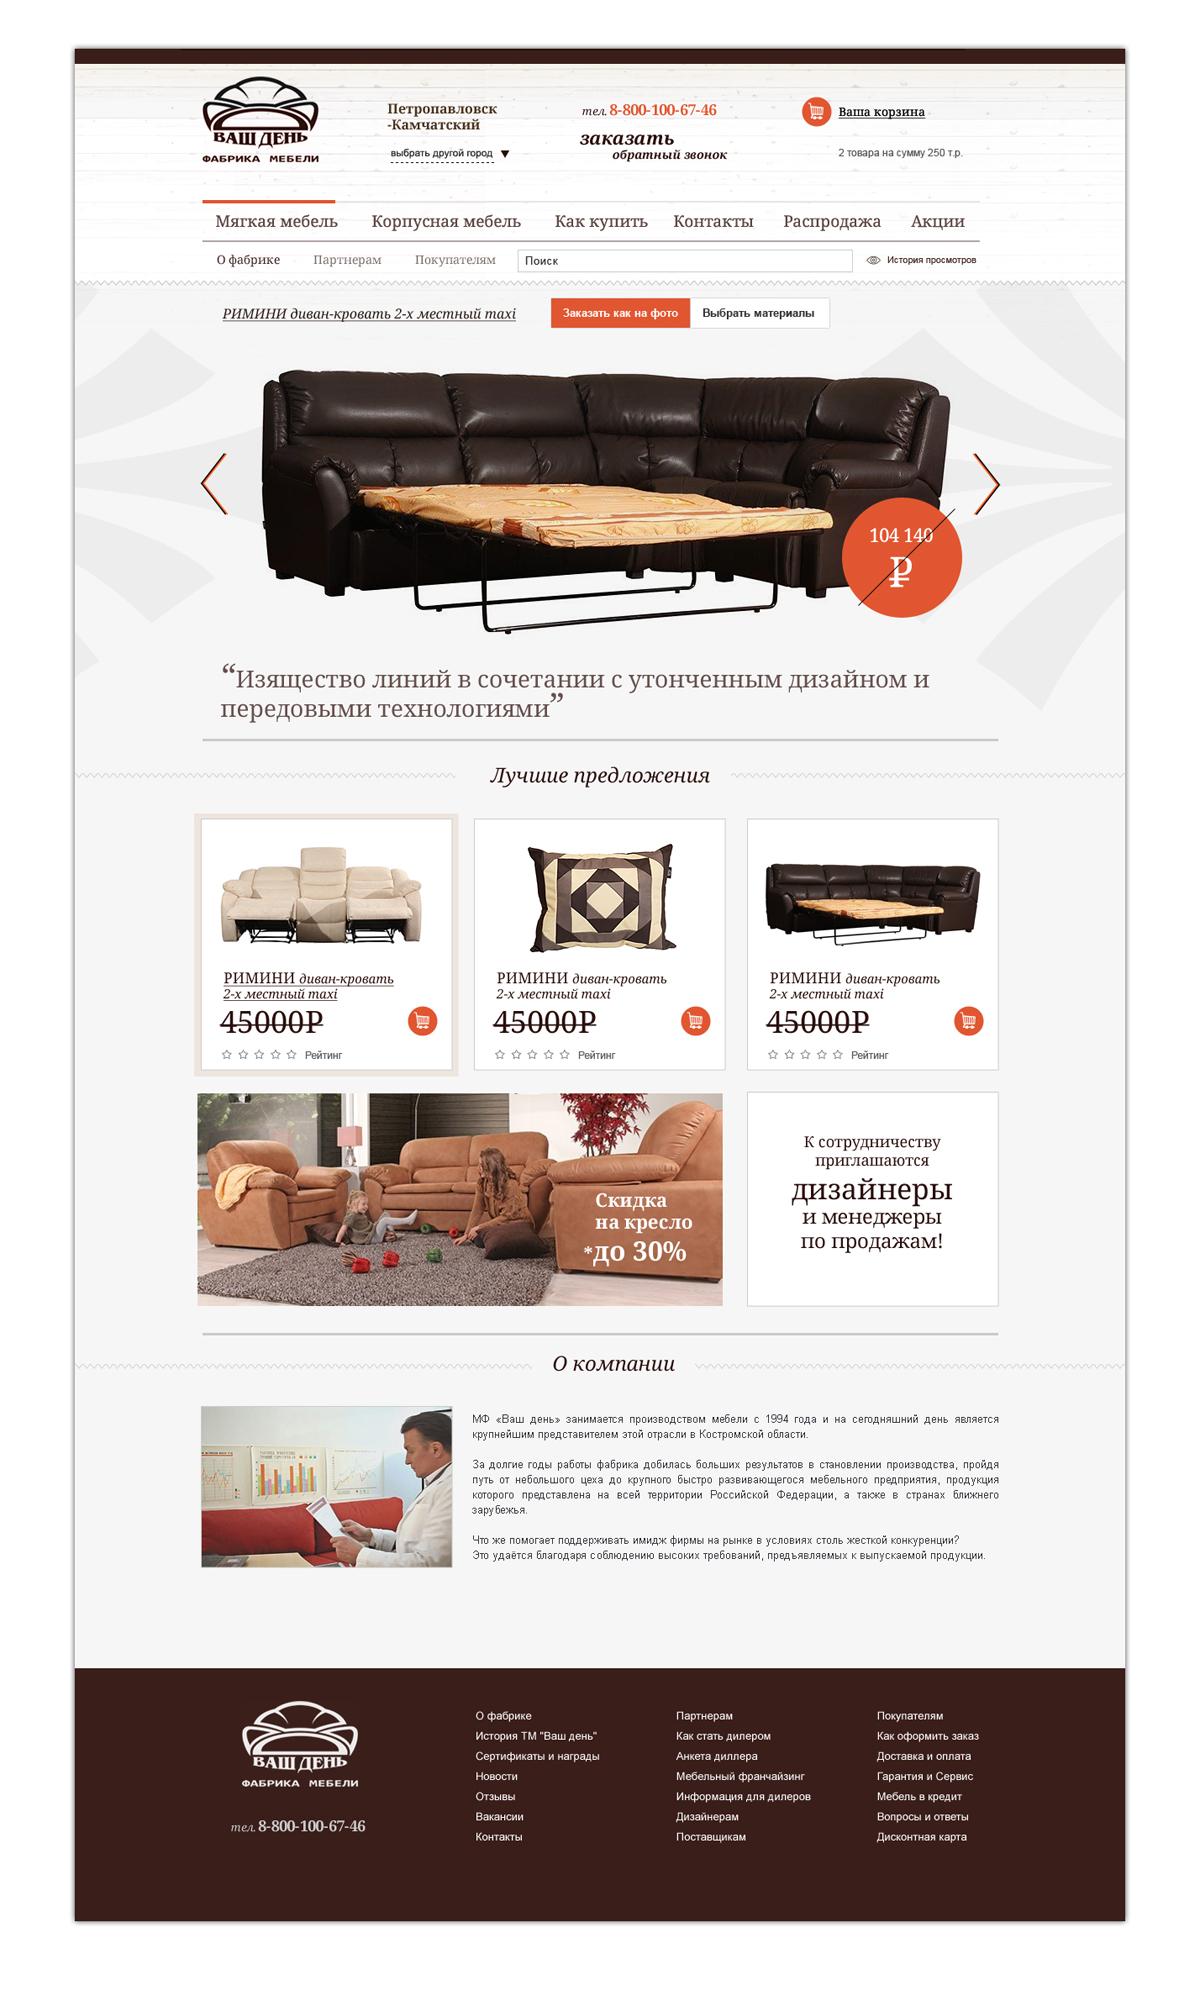 Разработать дизайн для интернет-магазина мебели фото f_25652f6824e87e2b.jpg